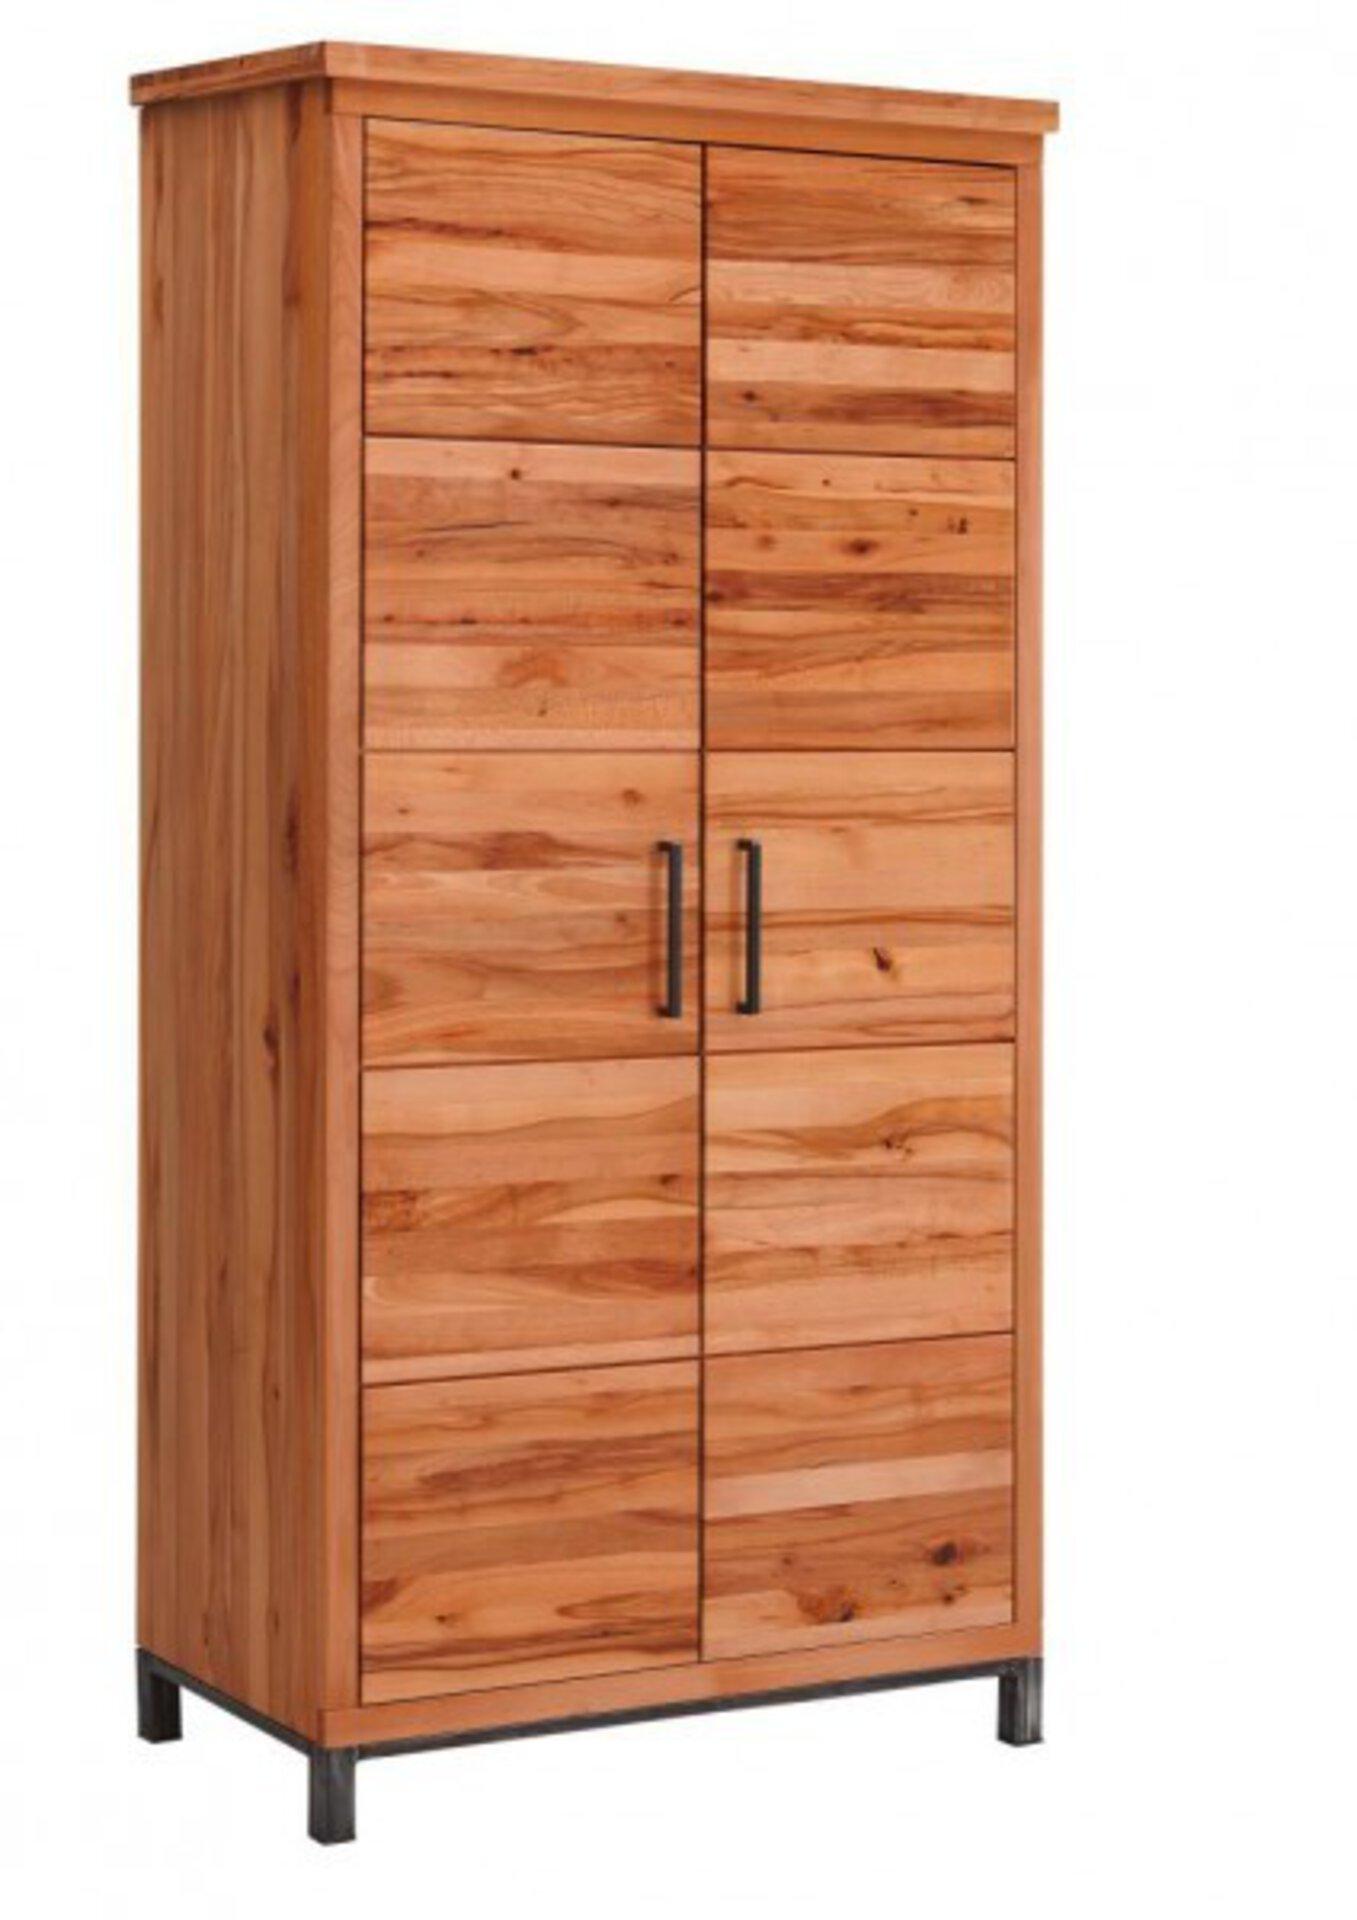 Garderobenschrank 7075 Gradel Holzwerkstoff braun 53 x 200 x 100 cm